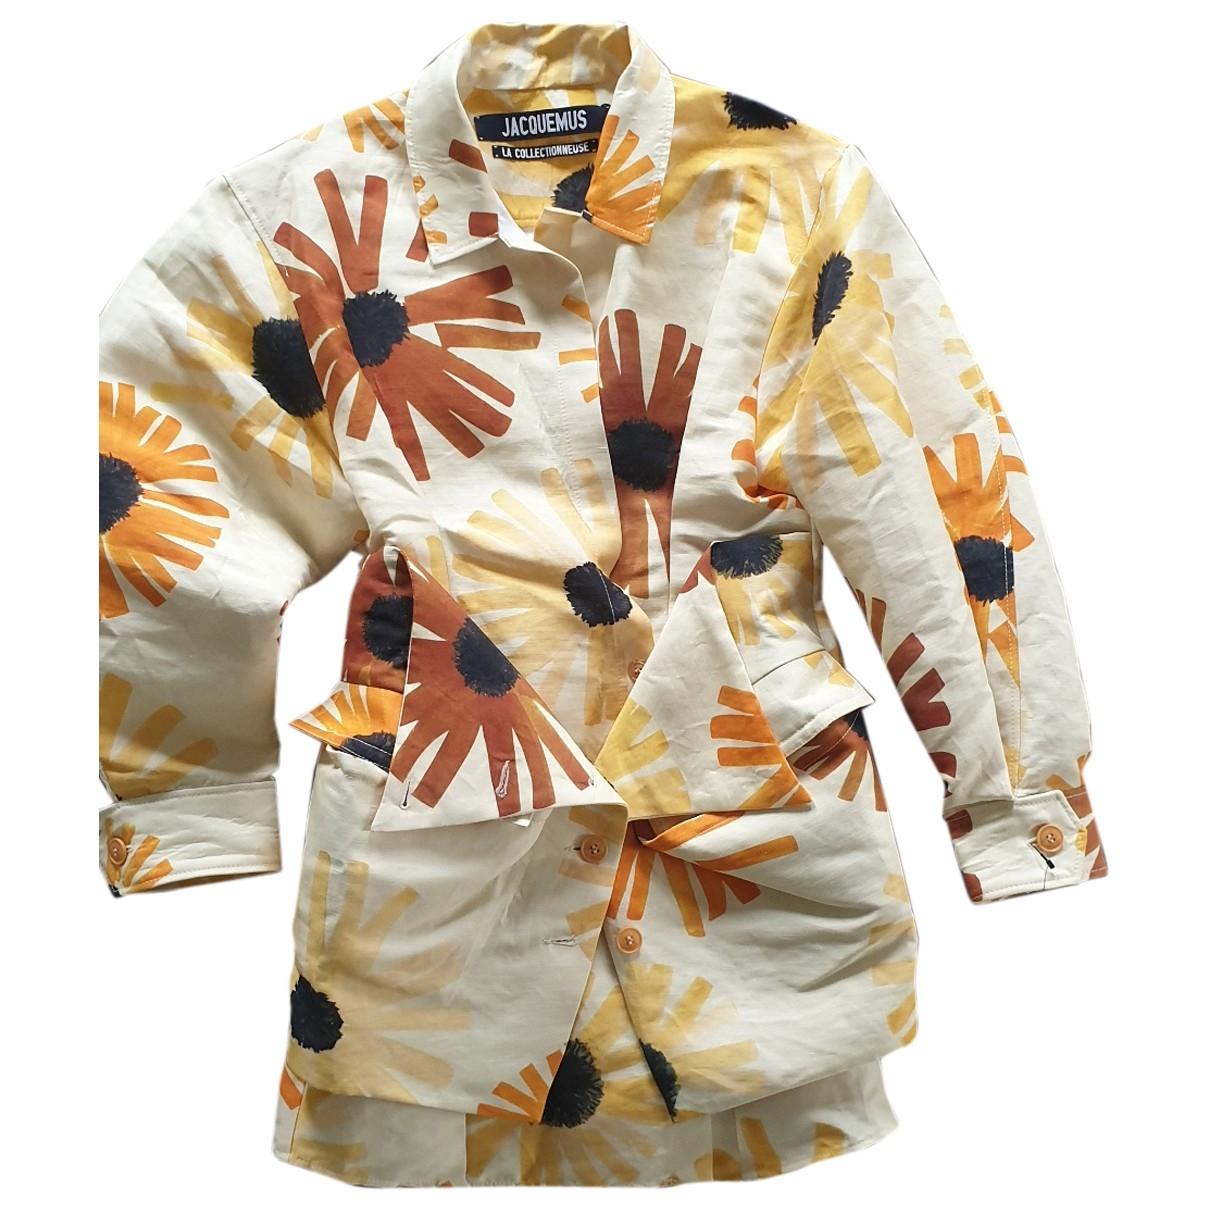 Jacquemus - Robe   pour femme en lin - multicolore